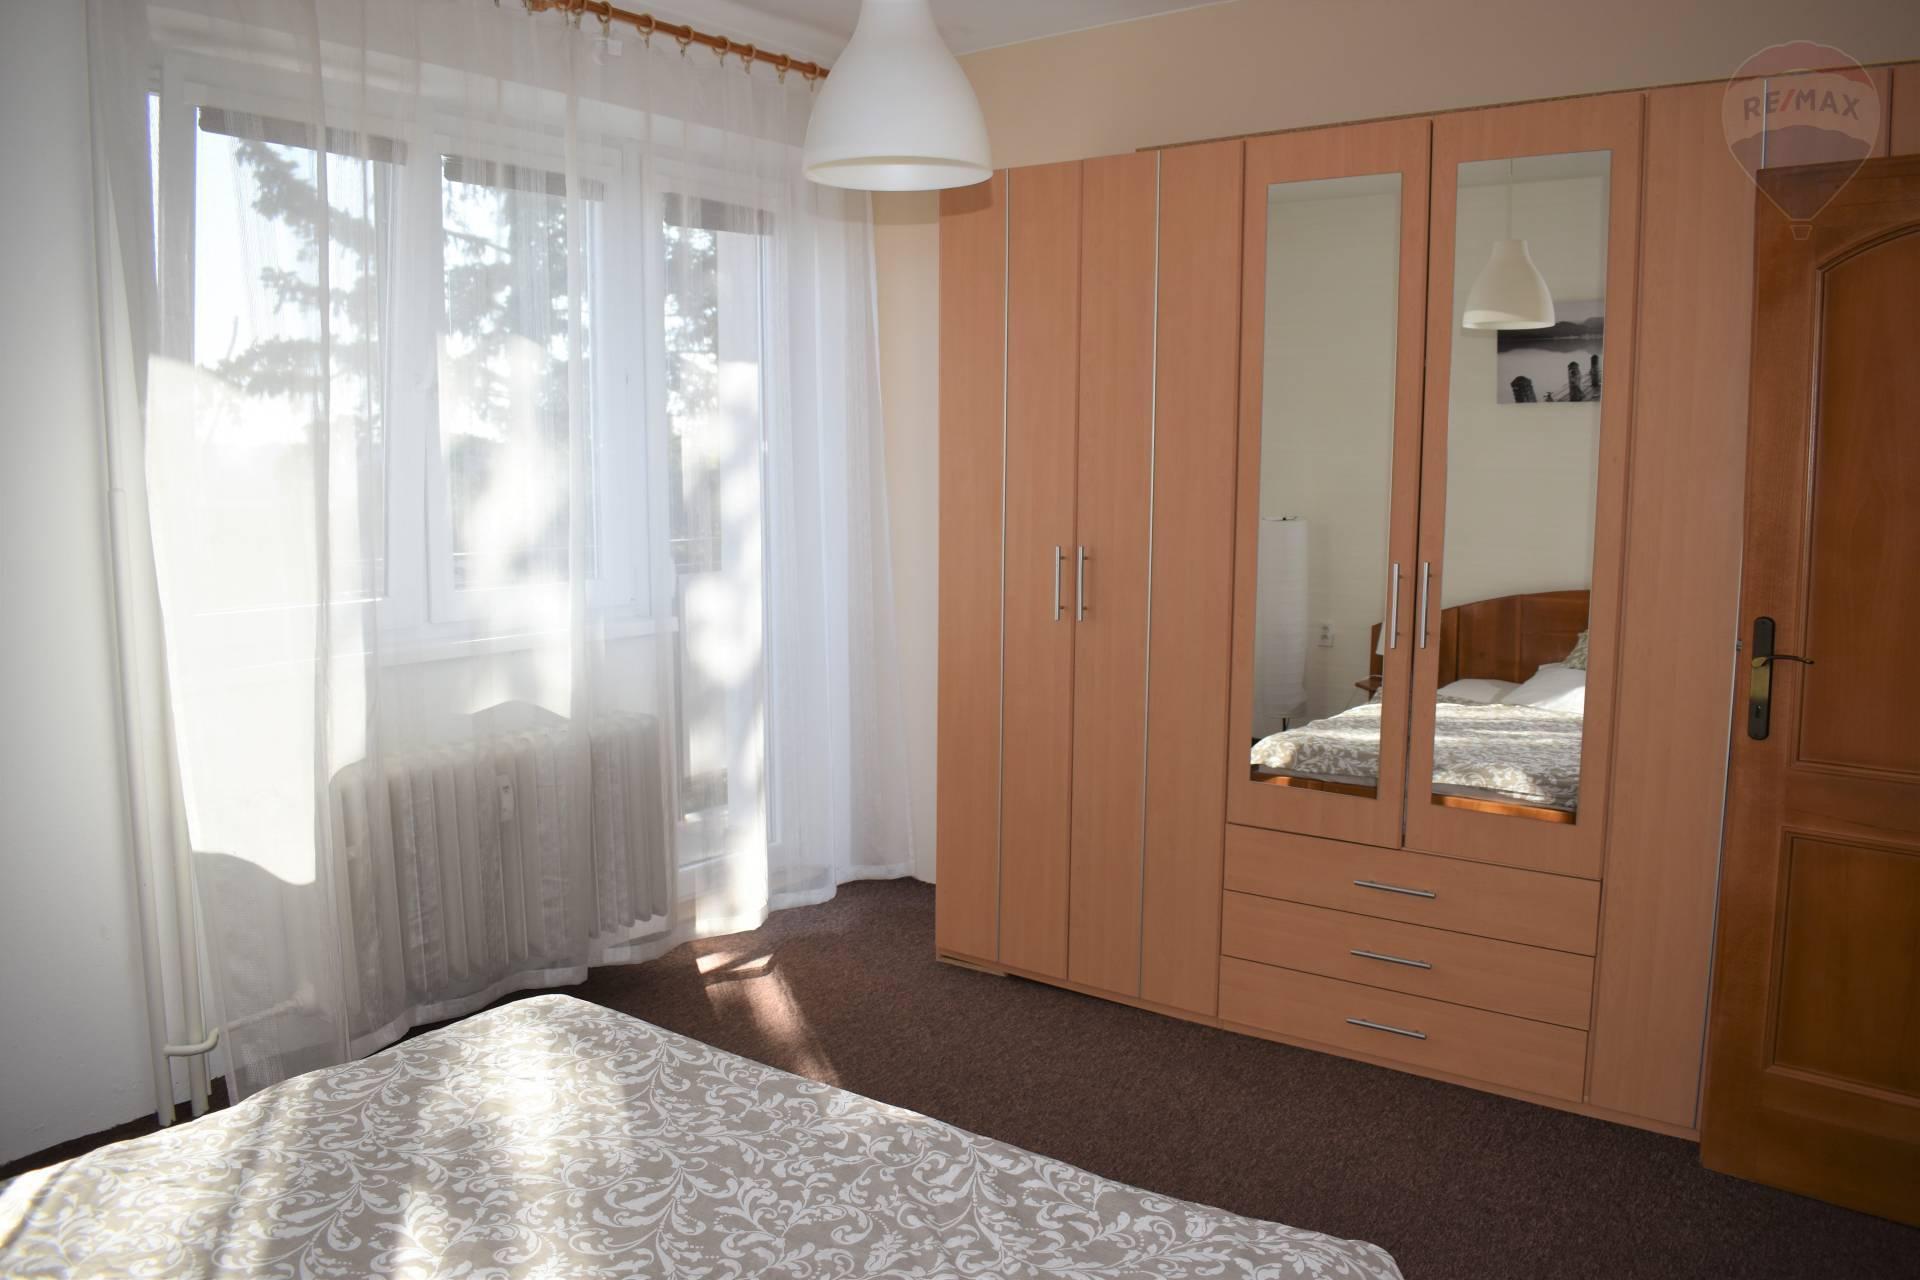 Prenájom bytu (3 izbový) 82 m2, Nitra - Spálňa s balkónom